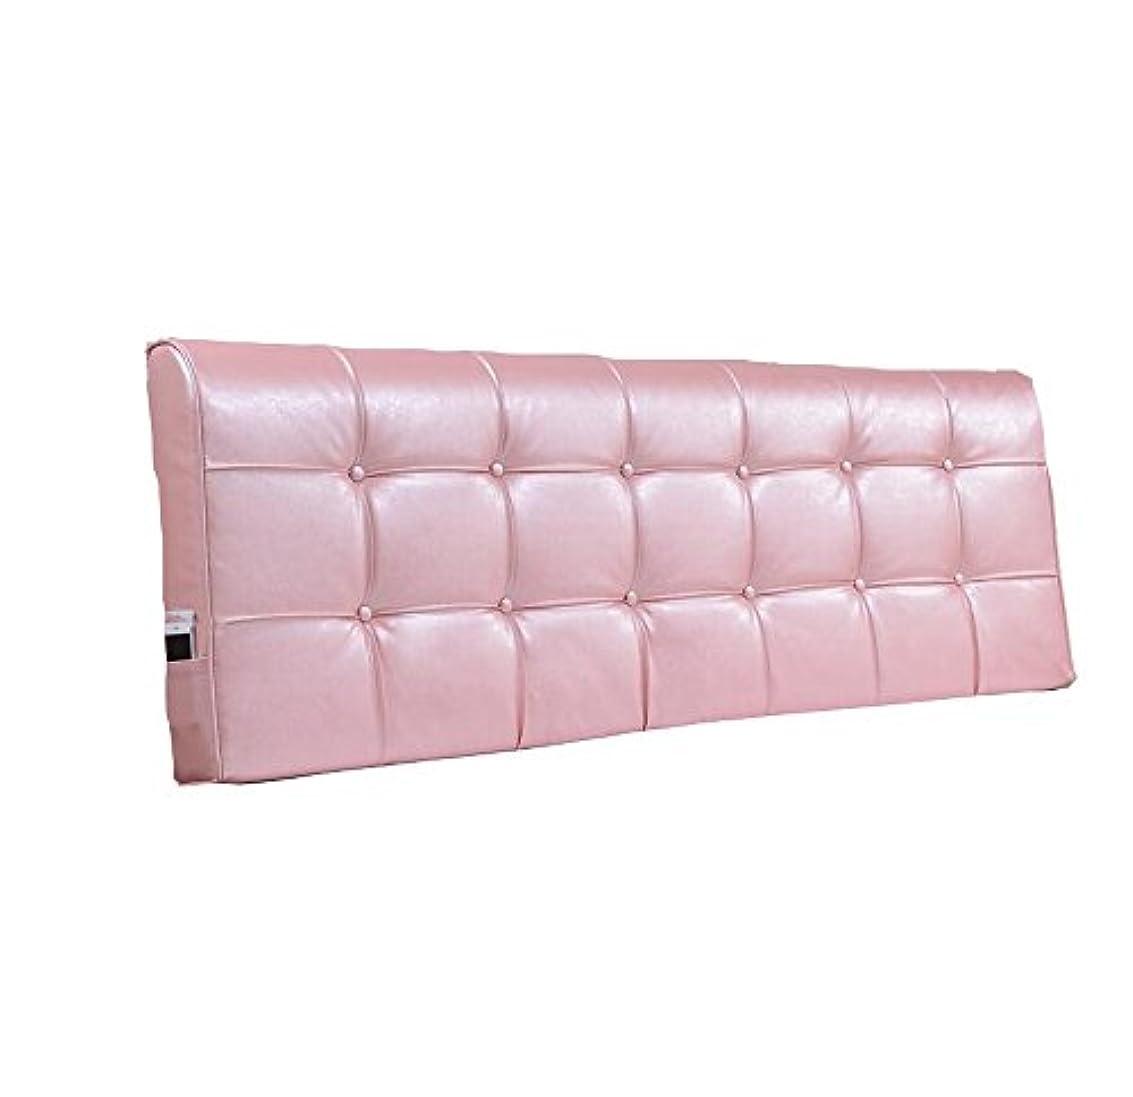 電報ジョセフバンクス入場ベッドサイドの大きな背もたれ/大枕とファッションソリッドカラーダブルベッドヘッドレスト洋服レザーベッドサイドクッションピンクとパープル (色 : Light Pink, サイズ さいず : 180 * 58 * 10cm)